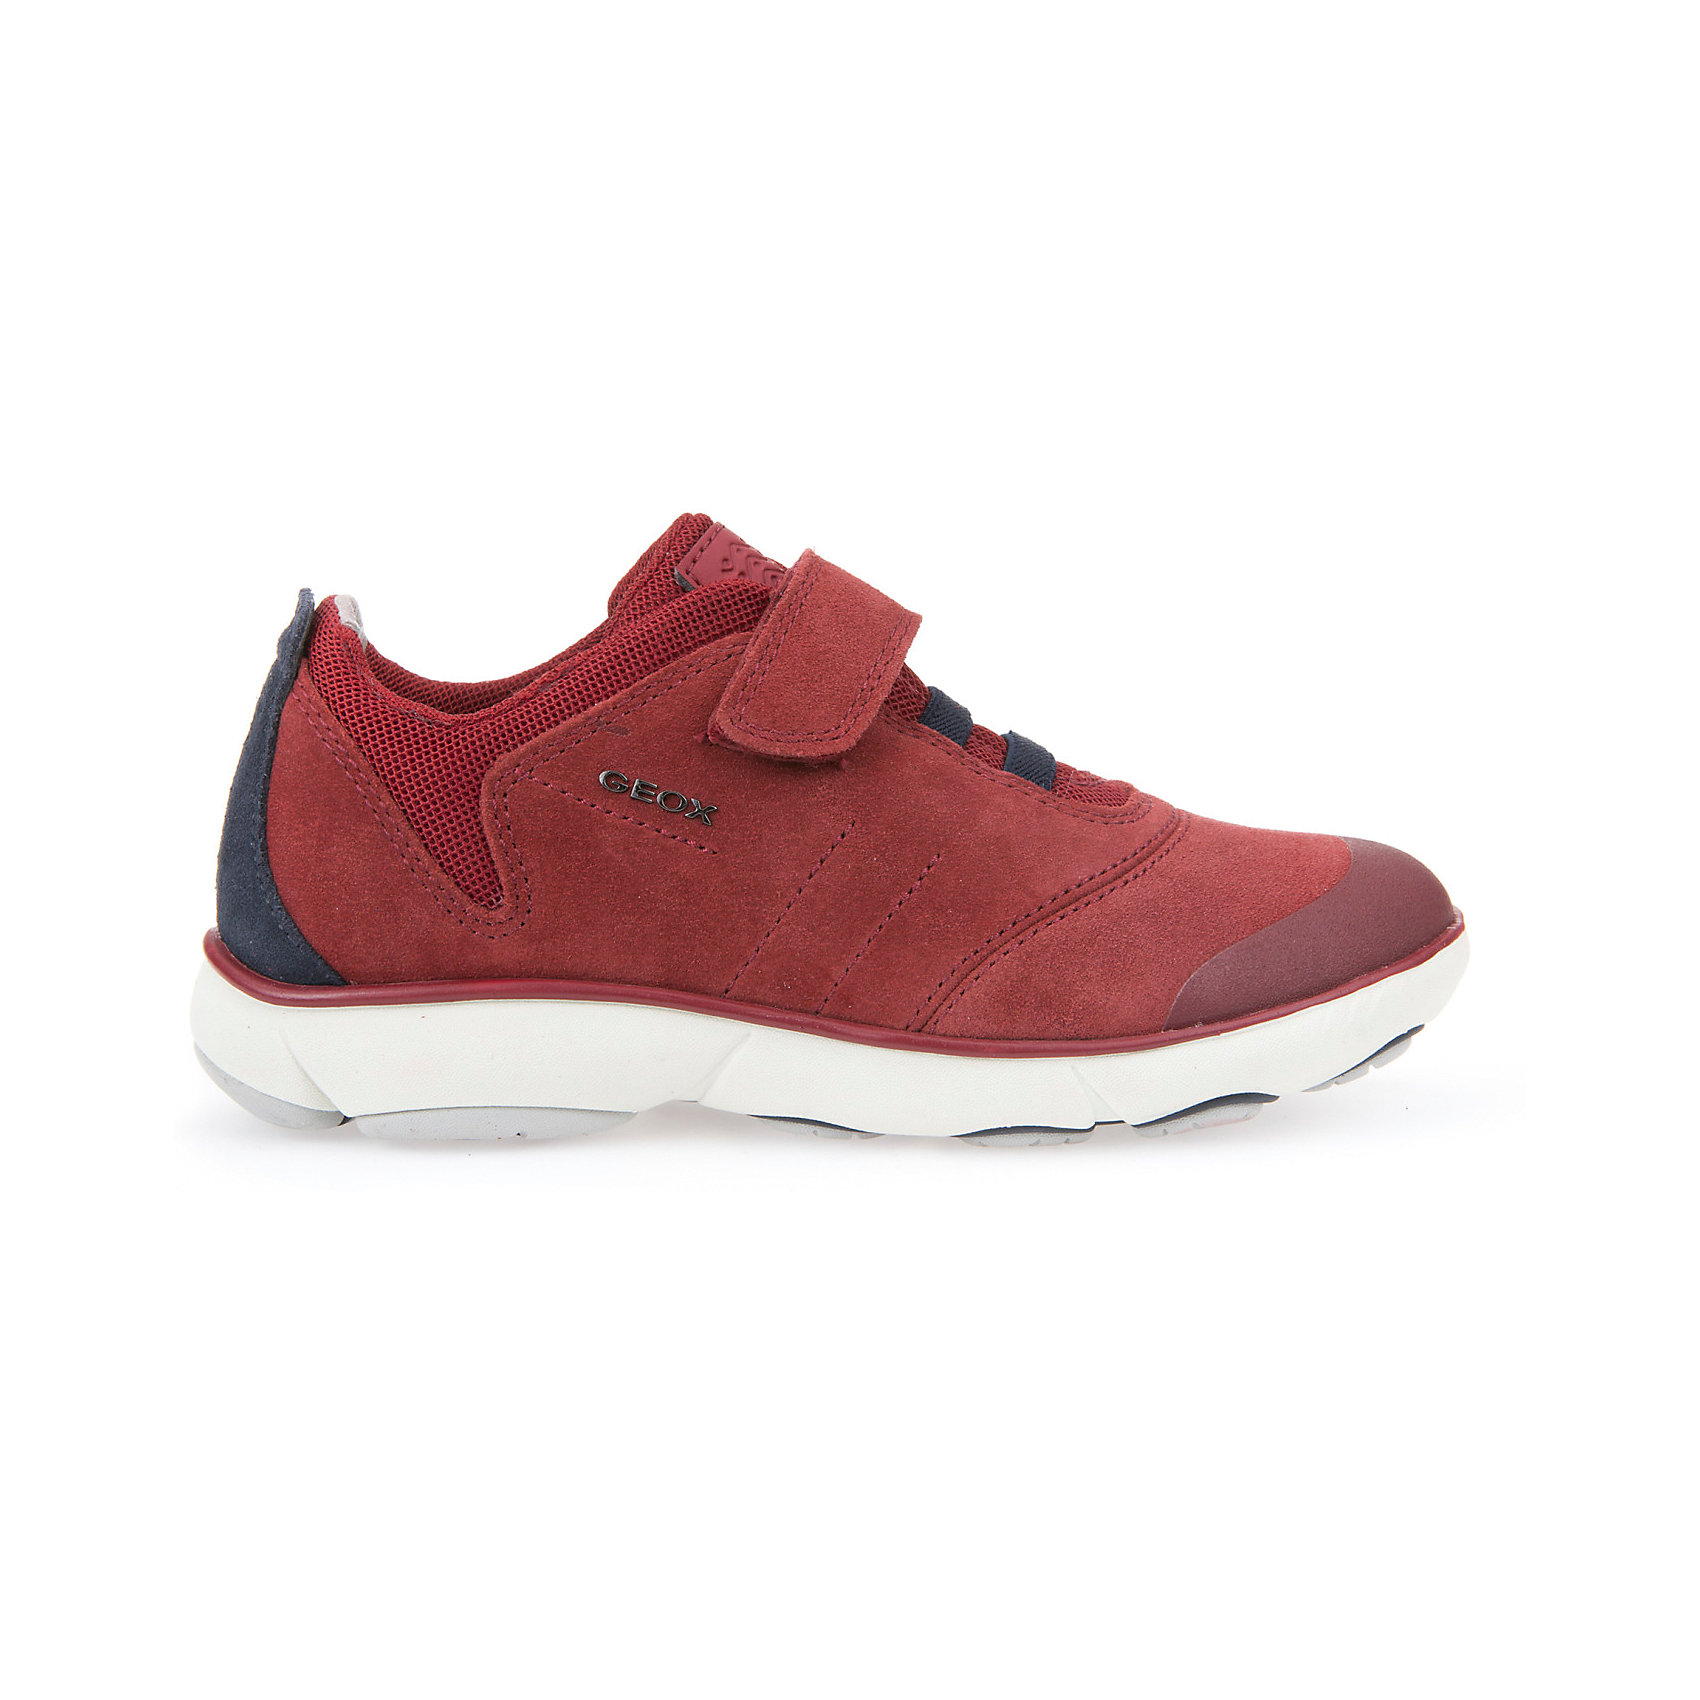 Кроссовки для мальчика GEOXКроссовки<br>Кроссовки для мальчика от знаменитого итальянского бренда взрослой и детской одежды и обуви GEOX (Геокс). Прогулки станут еще веселее! Кроссовки представлены в цвете красного кирпича в  с темно-синими деталями отделки, которые отлично сочетаются с белой подошвой. Идеальные для игр, кроссовки имеют все необходимое для удобства и комфорта ребенка в течение всего дня. Разработанная технология подошвы кроссовок не позволяет им скользить, амортизирует шаги, не пропускает воду и позволяет стопе дышать. Мягкая подошва отлично гнется, обеспечивая безопасность шагов малыша, поддерживая стопу, позволяя стоять более уверенно и оставляя свободу движения. Эргономичная кожаная антибактериальная стелька и высокий задник хорошо фиксируют голеностоп и удобны в носке. Внутренний материал позволяют легко надевать и снимать кроссовки, застегивая на практичную липучку. Кроссовки сохраняют тепло ног ребенка и оставляют их сухими, позволяя им дышать. <br>Дополнительная информация:<br>- Состав:<br>верх:  70% натуральная кожа, 26% текстиль, 4% синтетика<br>подкладка: 89% текстиль, 6% синтетика, 5 % синтетика<br>стелька: натуральная кожа <br>подошва: резина<br>Кроссовки для мальчика GEOX (Геокс) можно купить в нашем магазине.<br>Подробнее:<br>• Для детей в возрасте: от 6 до 11 лет<br>• Номер товара: 5007885<br>Страна производитель: Вьетнам<br><br>Ширина мм: 250<br>Глубина мм: 150<br>Высота мм: 150<br>Вес г: 250<br>Цвет: красный/синий<br>Возраст от месяцев: 96<br>Возраст до месяцев: 108<br>Пол: Мужской<br>Возраст: Детский<br>Размер: 32,33,34,35,36,37,38,27,28,29,30,31<br>SKU: 5007885